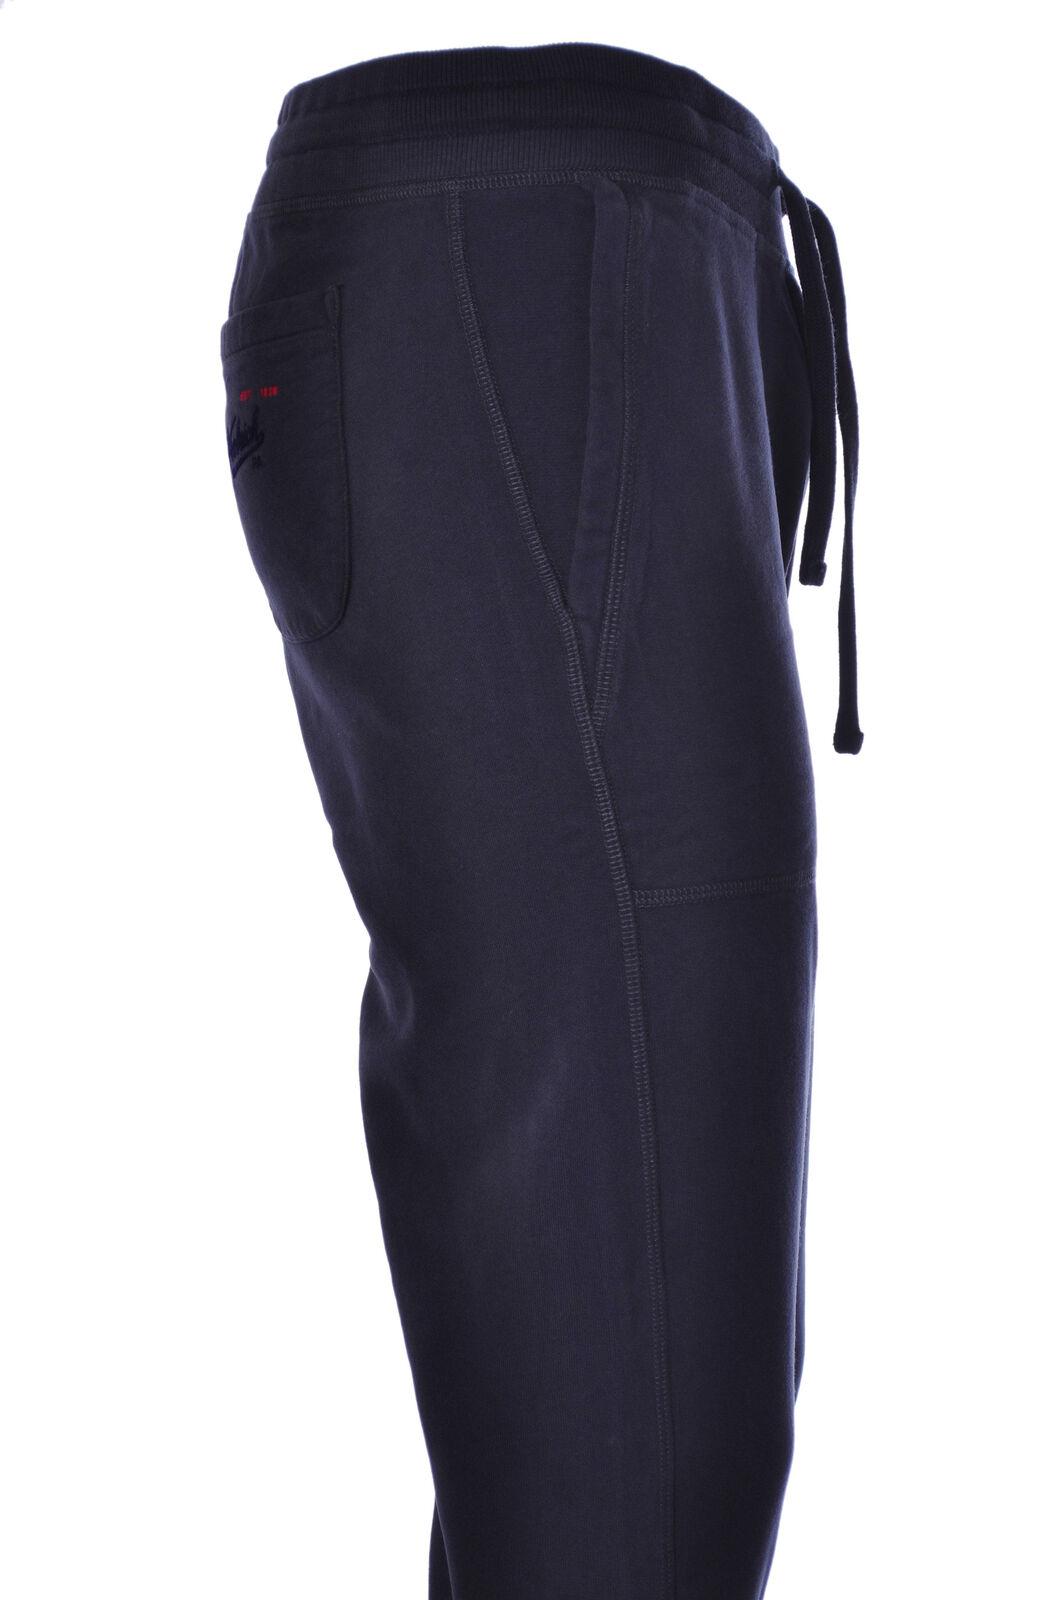 Woolrich - Pants, Trousers, sweatshirt - Man - bluee - 881118C183905